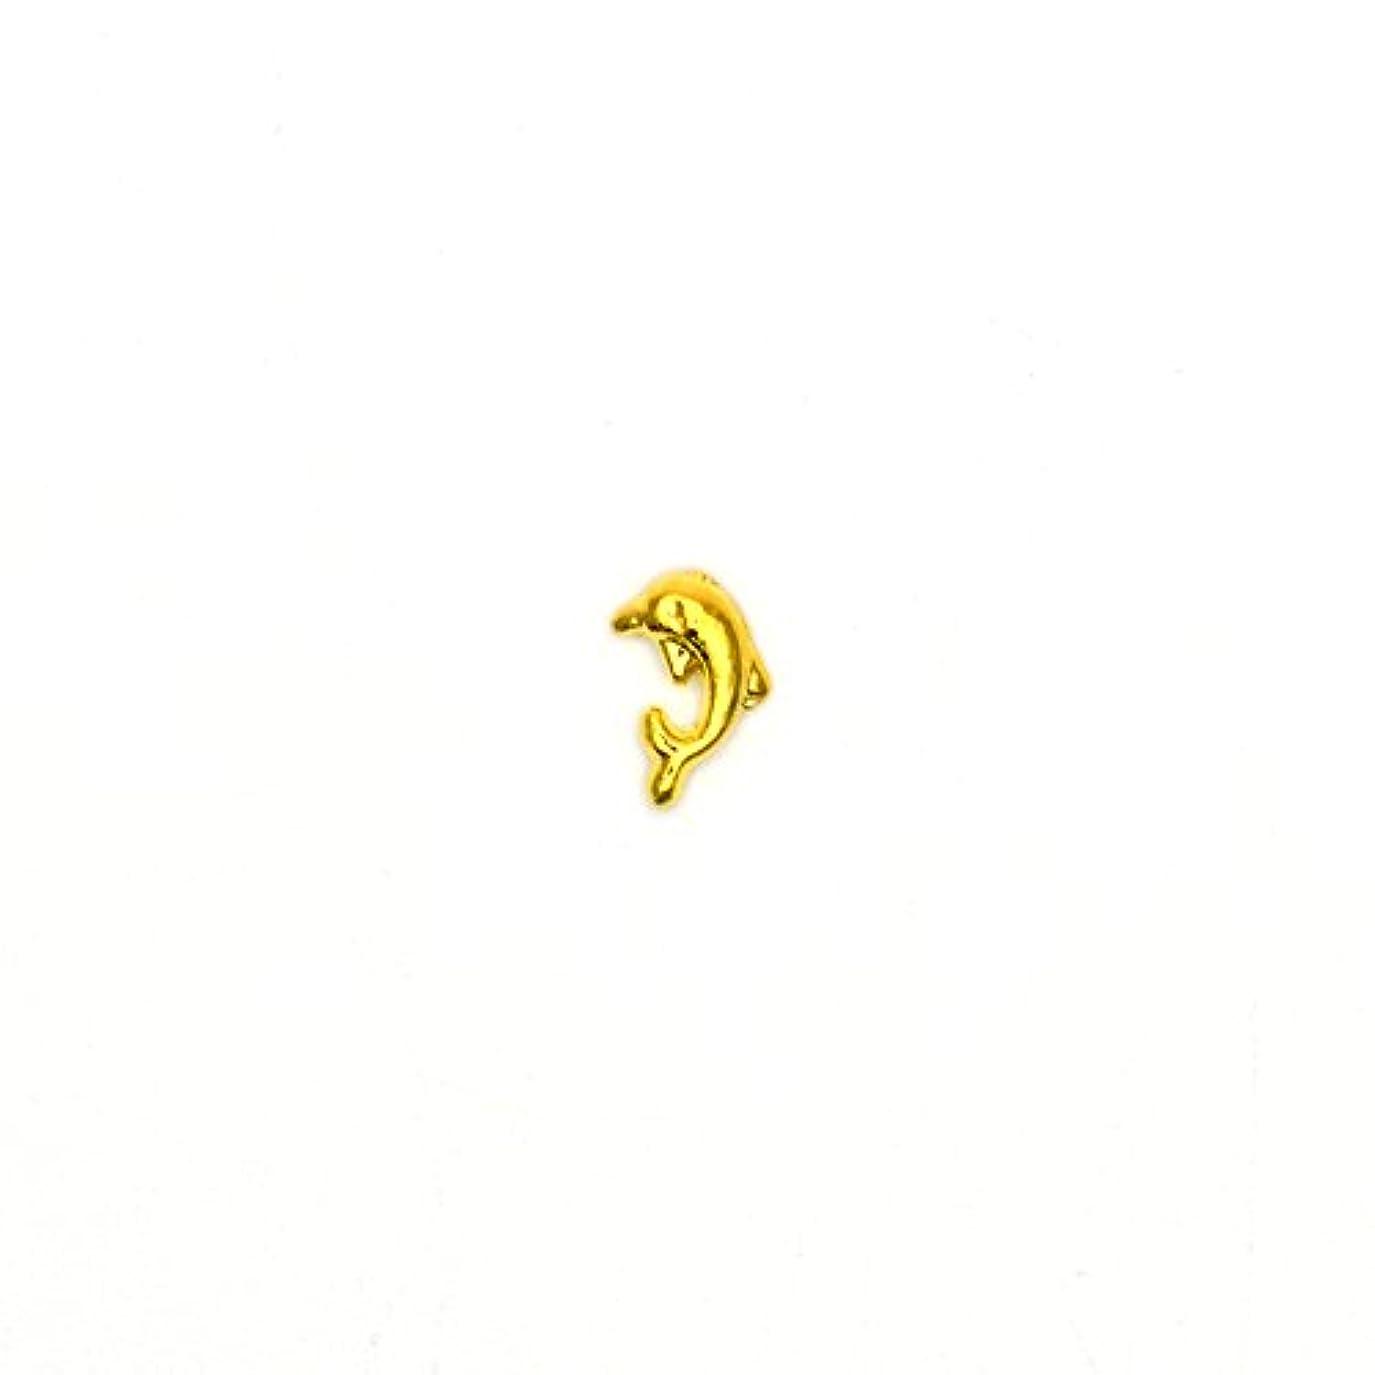 モザイク困惑するひらめきドルフィンパーツ ゴールド 5個入 イルカ マリンネイル サマーネイル メタルパーツ